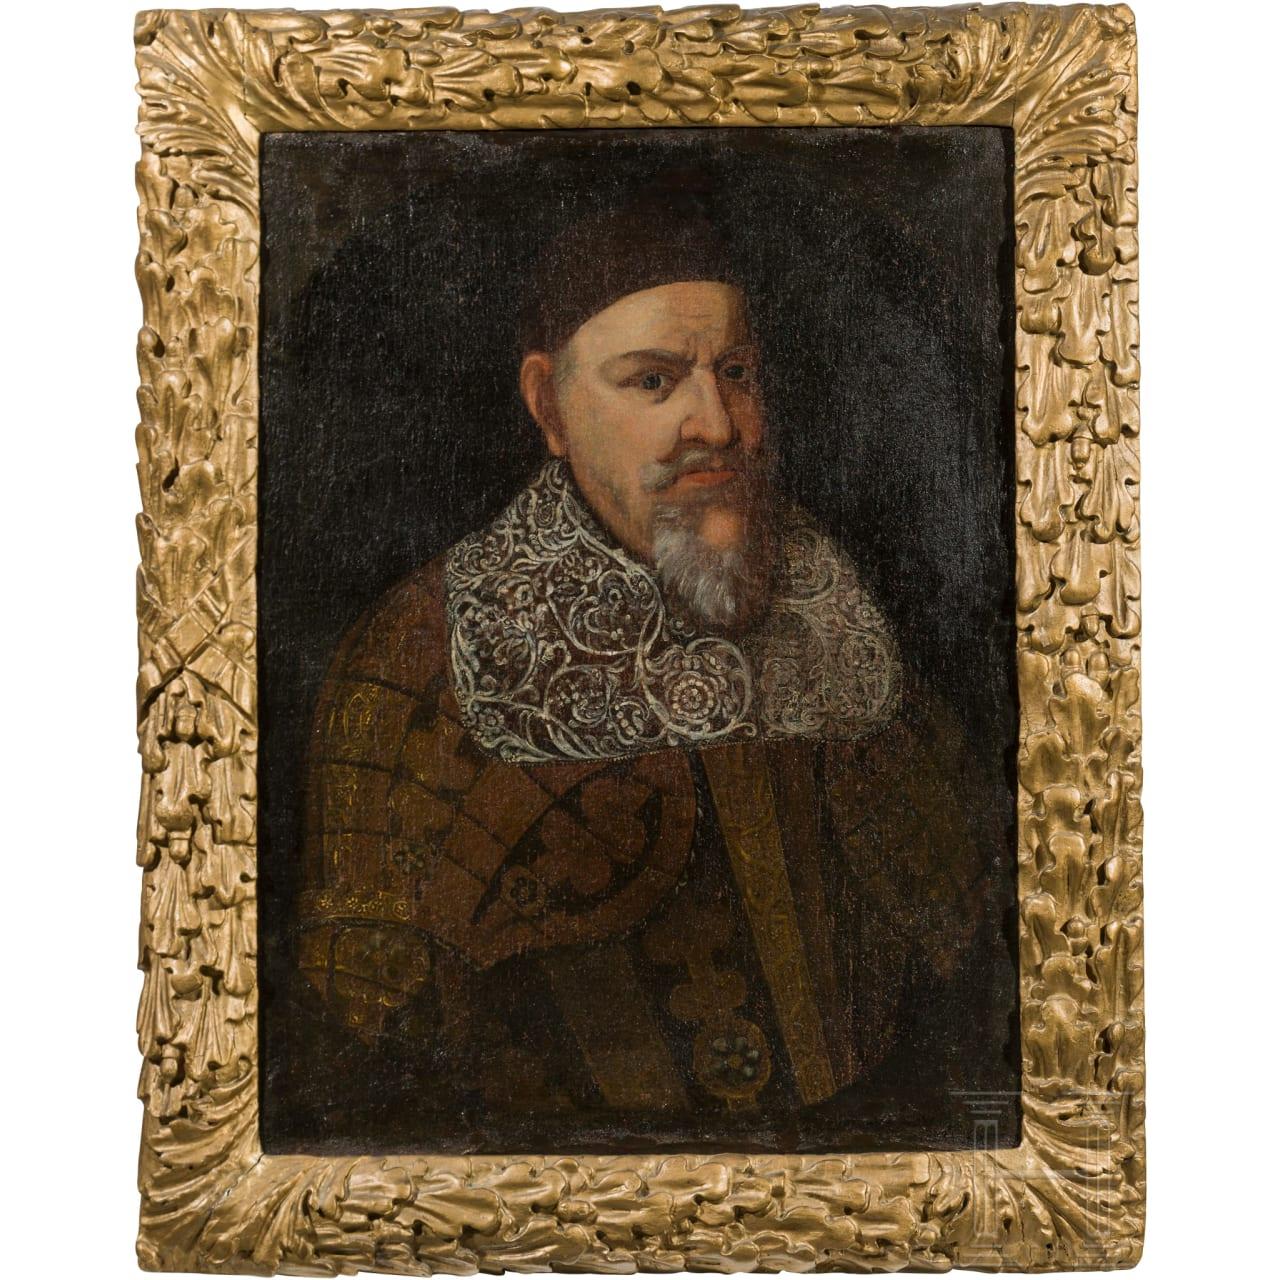 August der Jüngere von Braunschweig-Wolfenbüttel - Portrait im Harnisch, um 1650